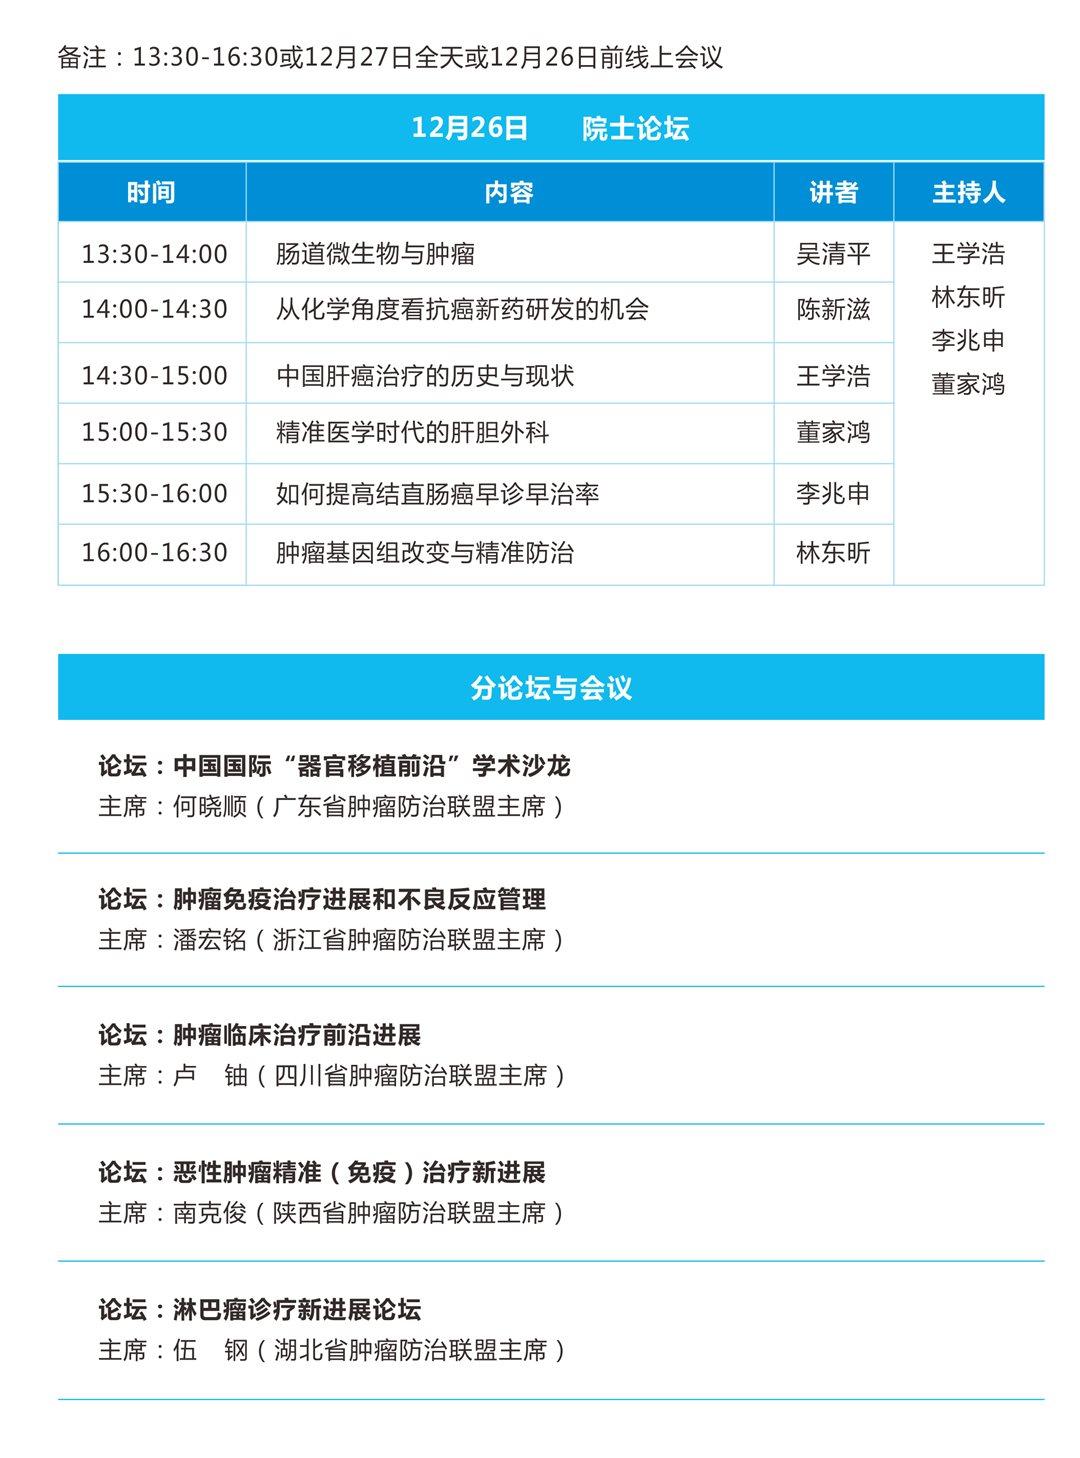 2020中國腫瘤防治聯盟年會暨中國精準醫學大會